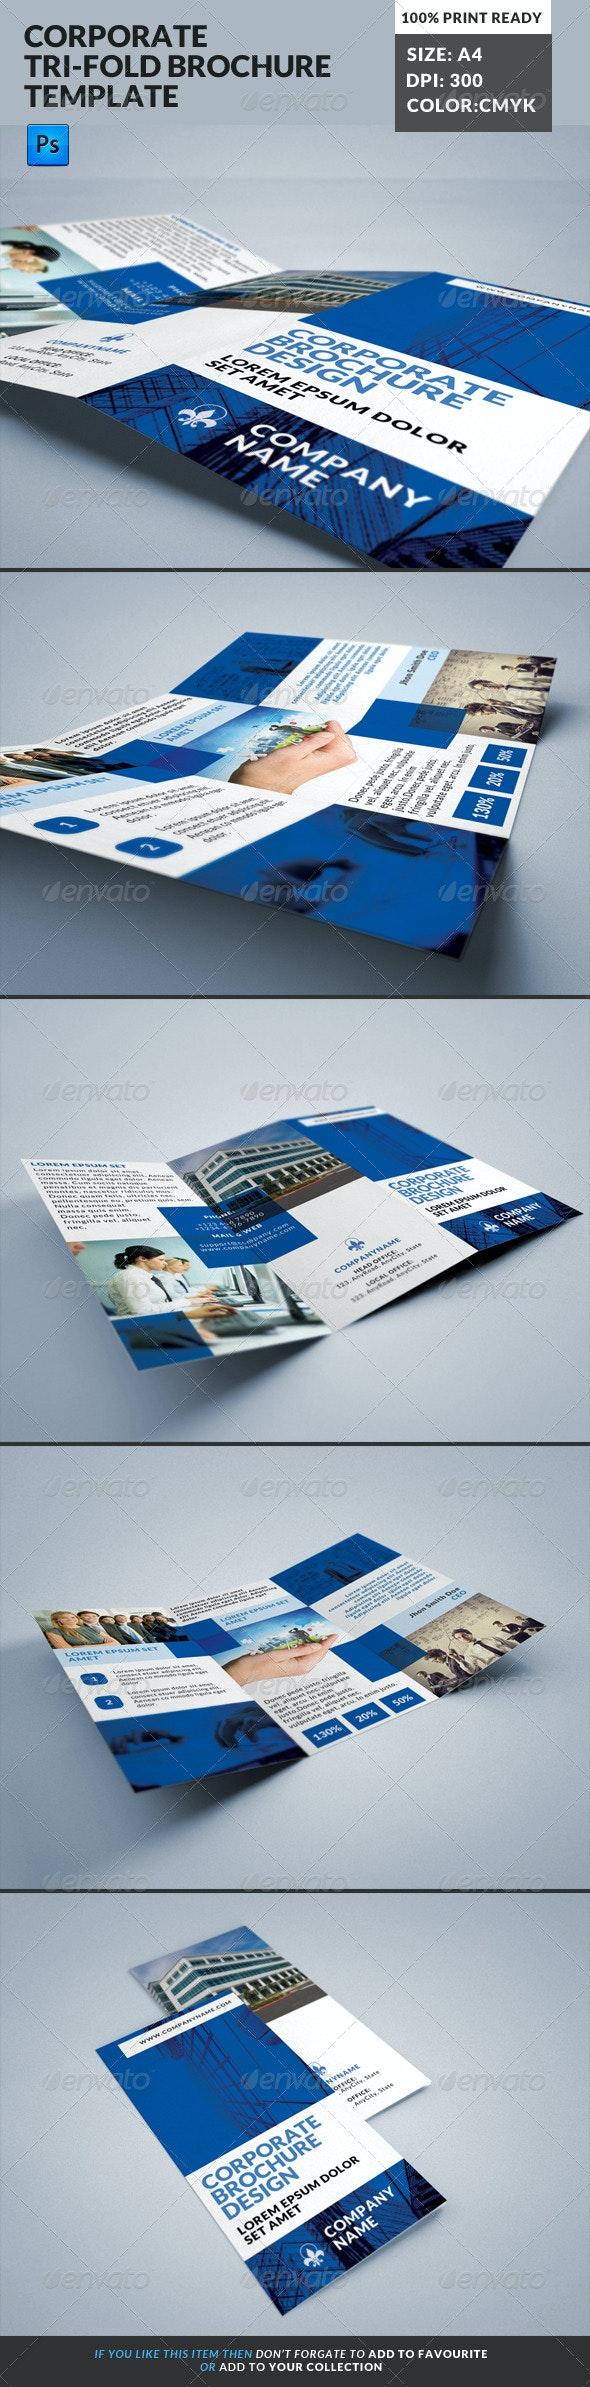 Corporate Tri-Fold Brochures Template 16 - Corporate Brochures